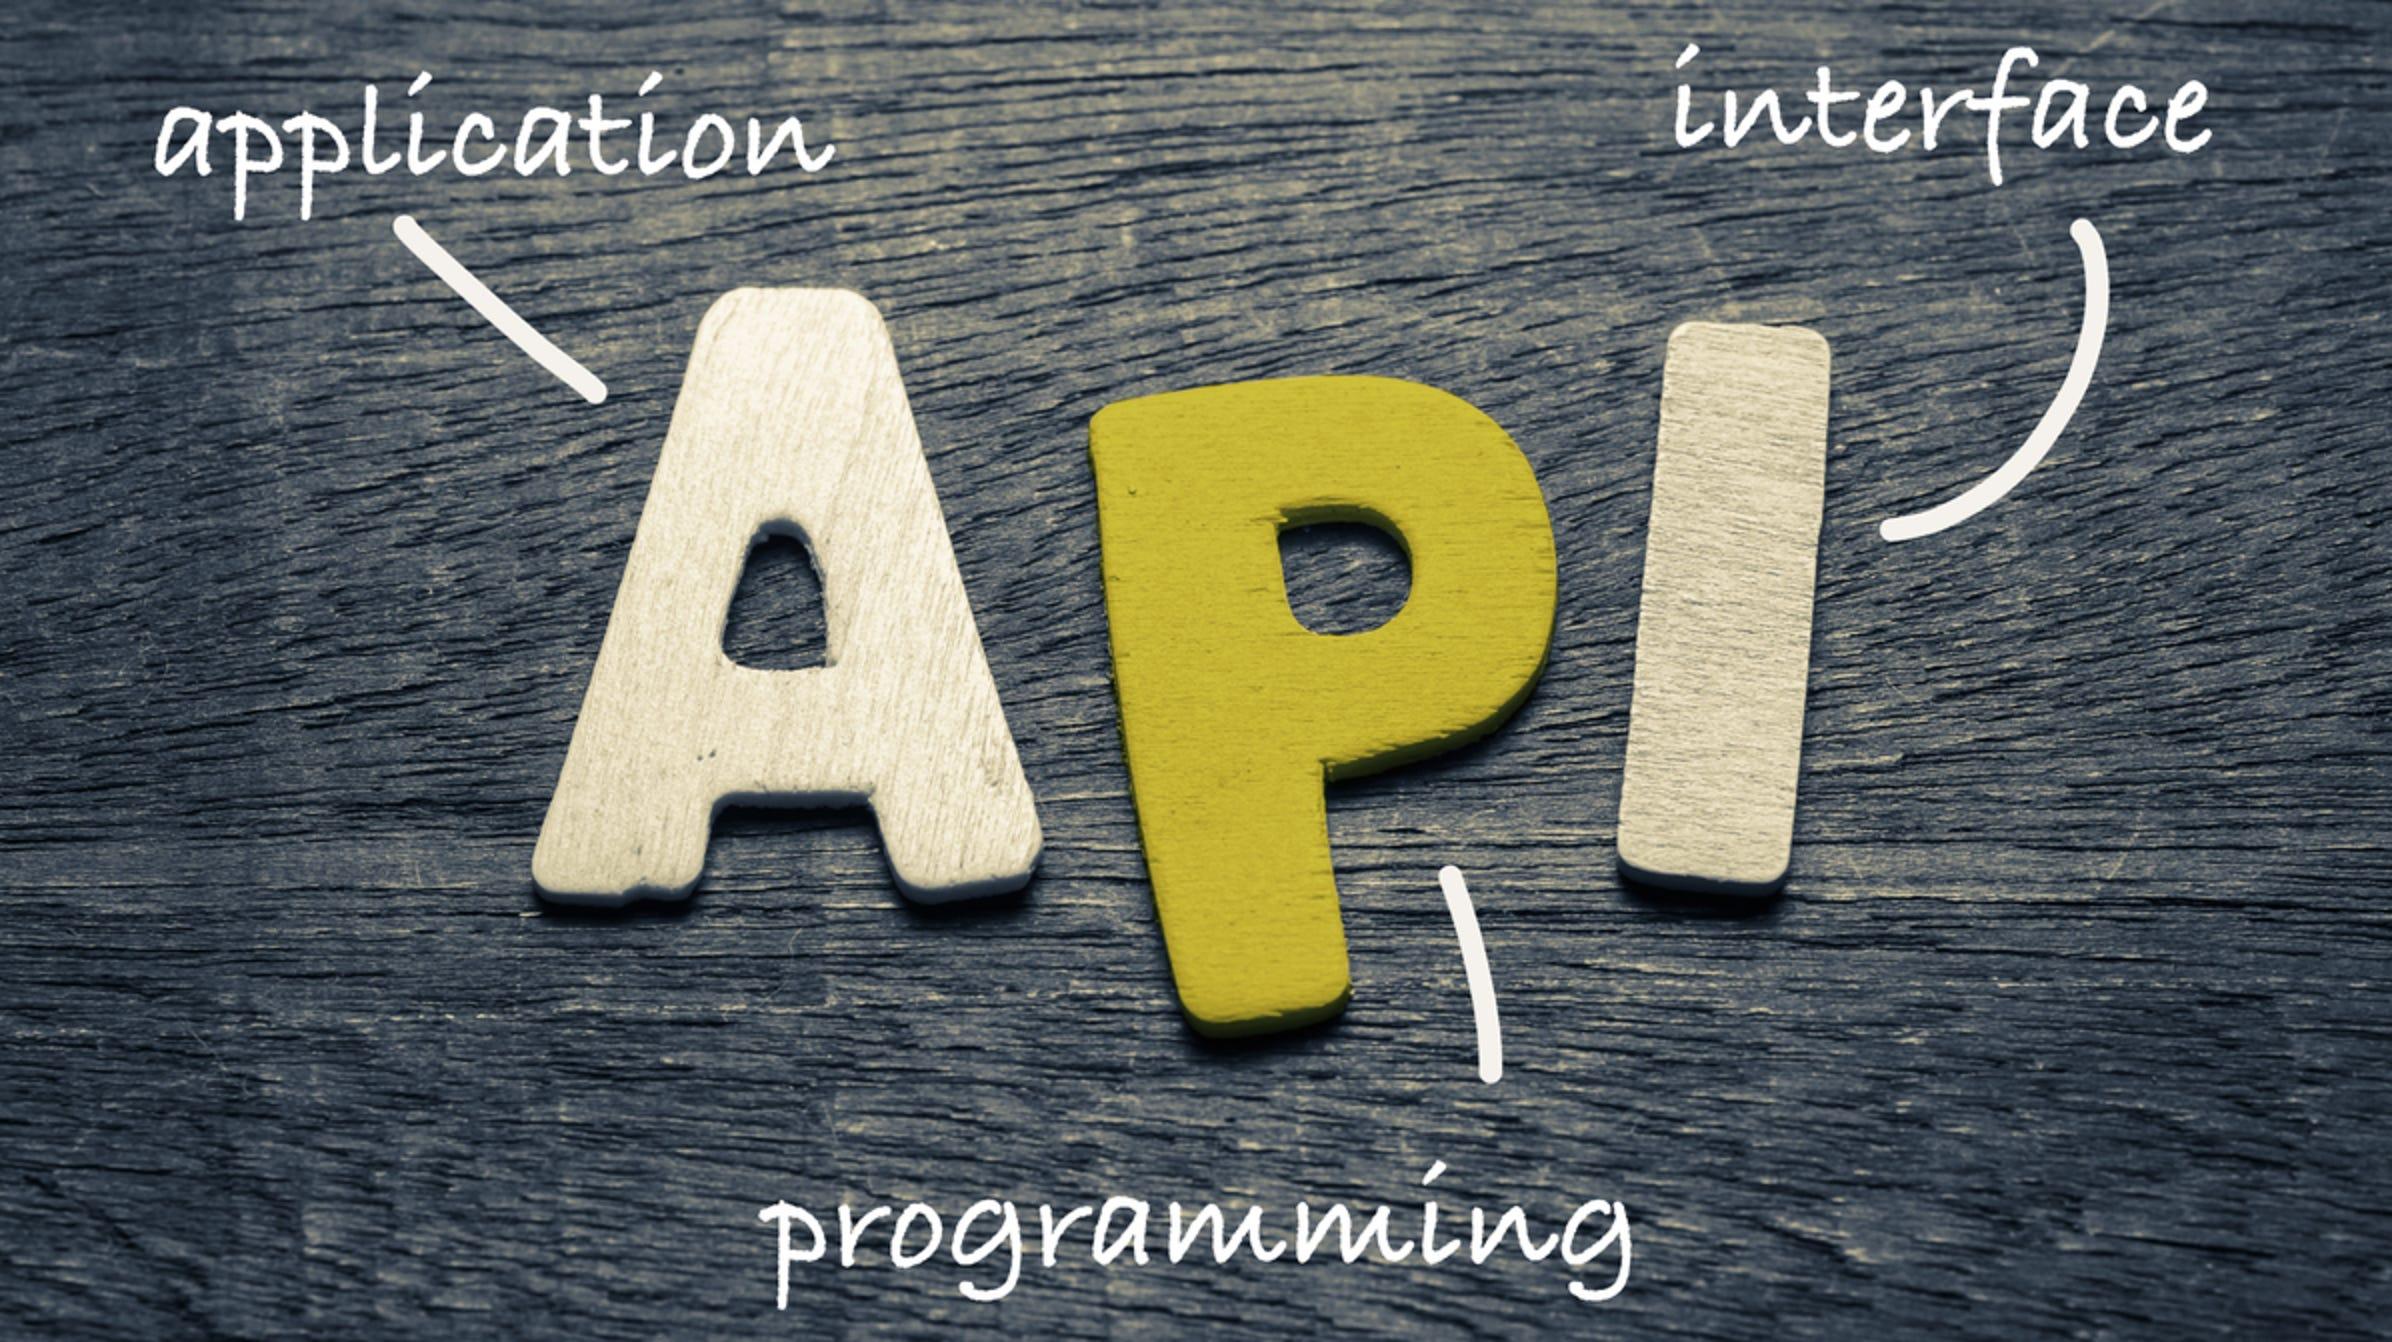 ¿Qué es una API y cómo la usan los desarrolladores?